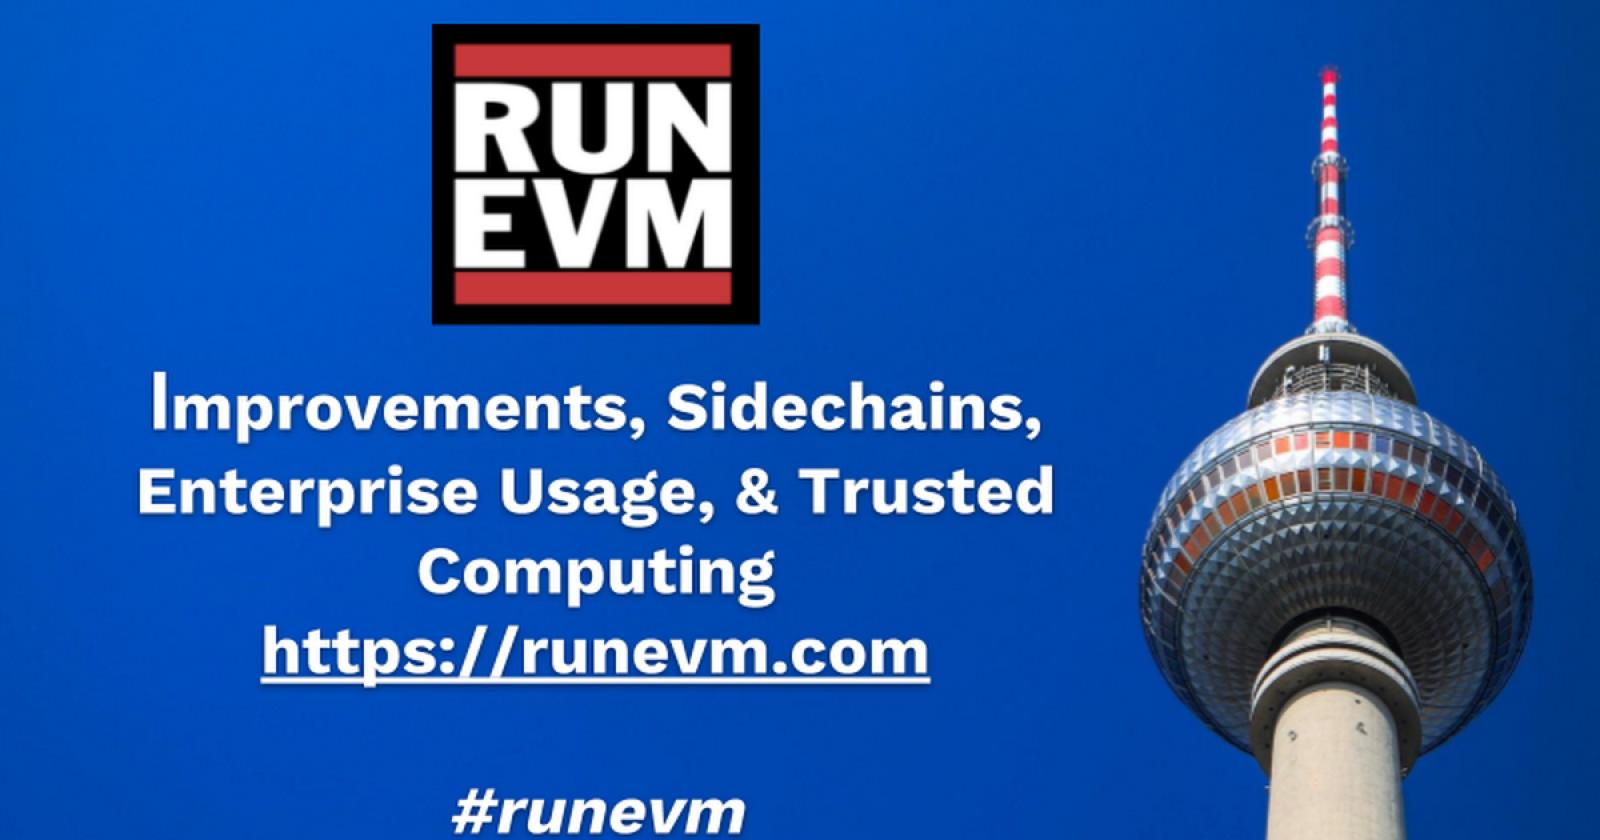 RUN EVM Sponsors